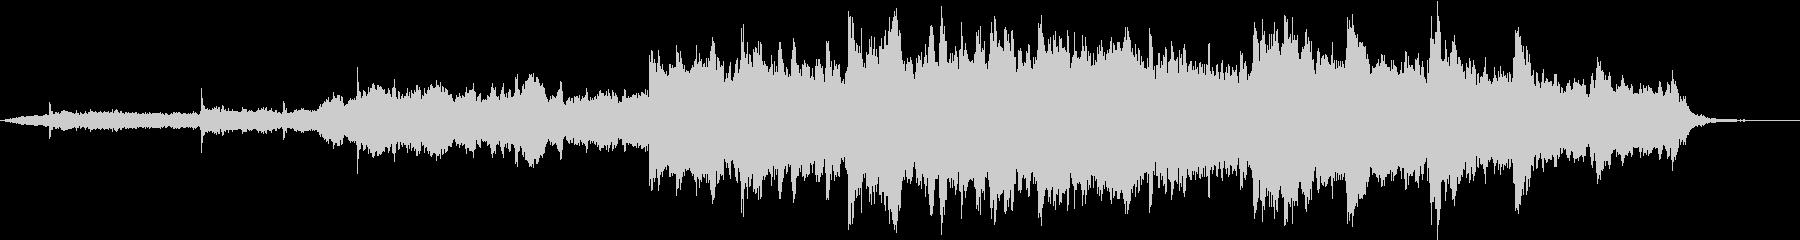 オーケストラ楽器/サウンドスケープ...の未再生の波形